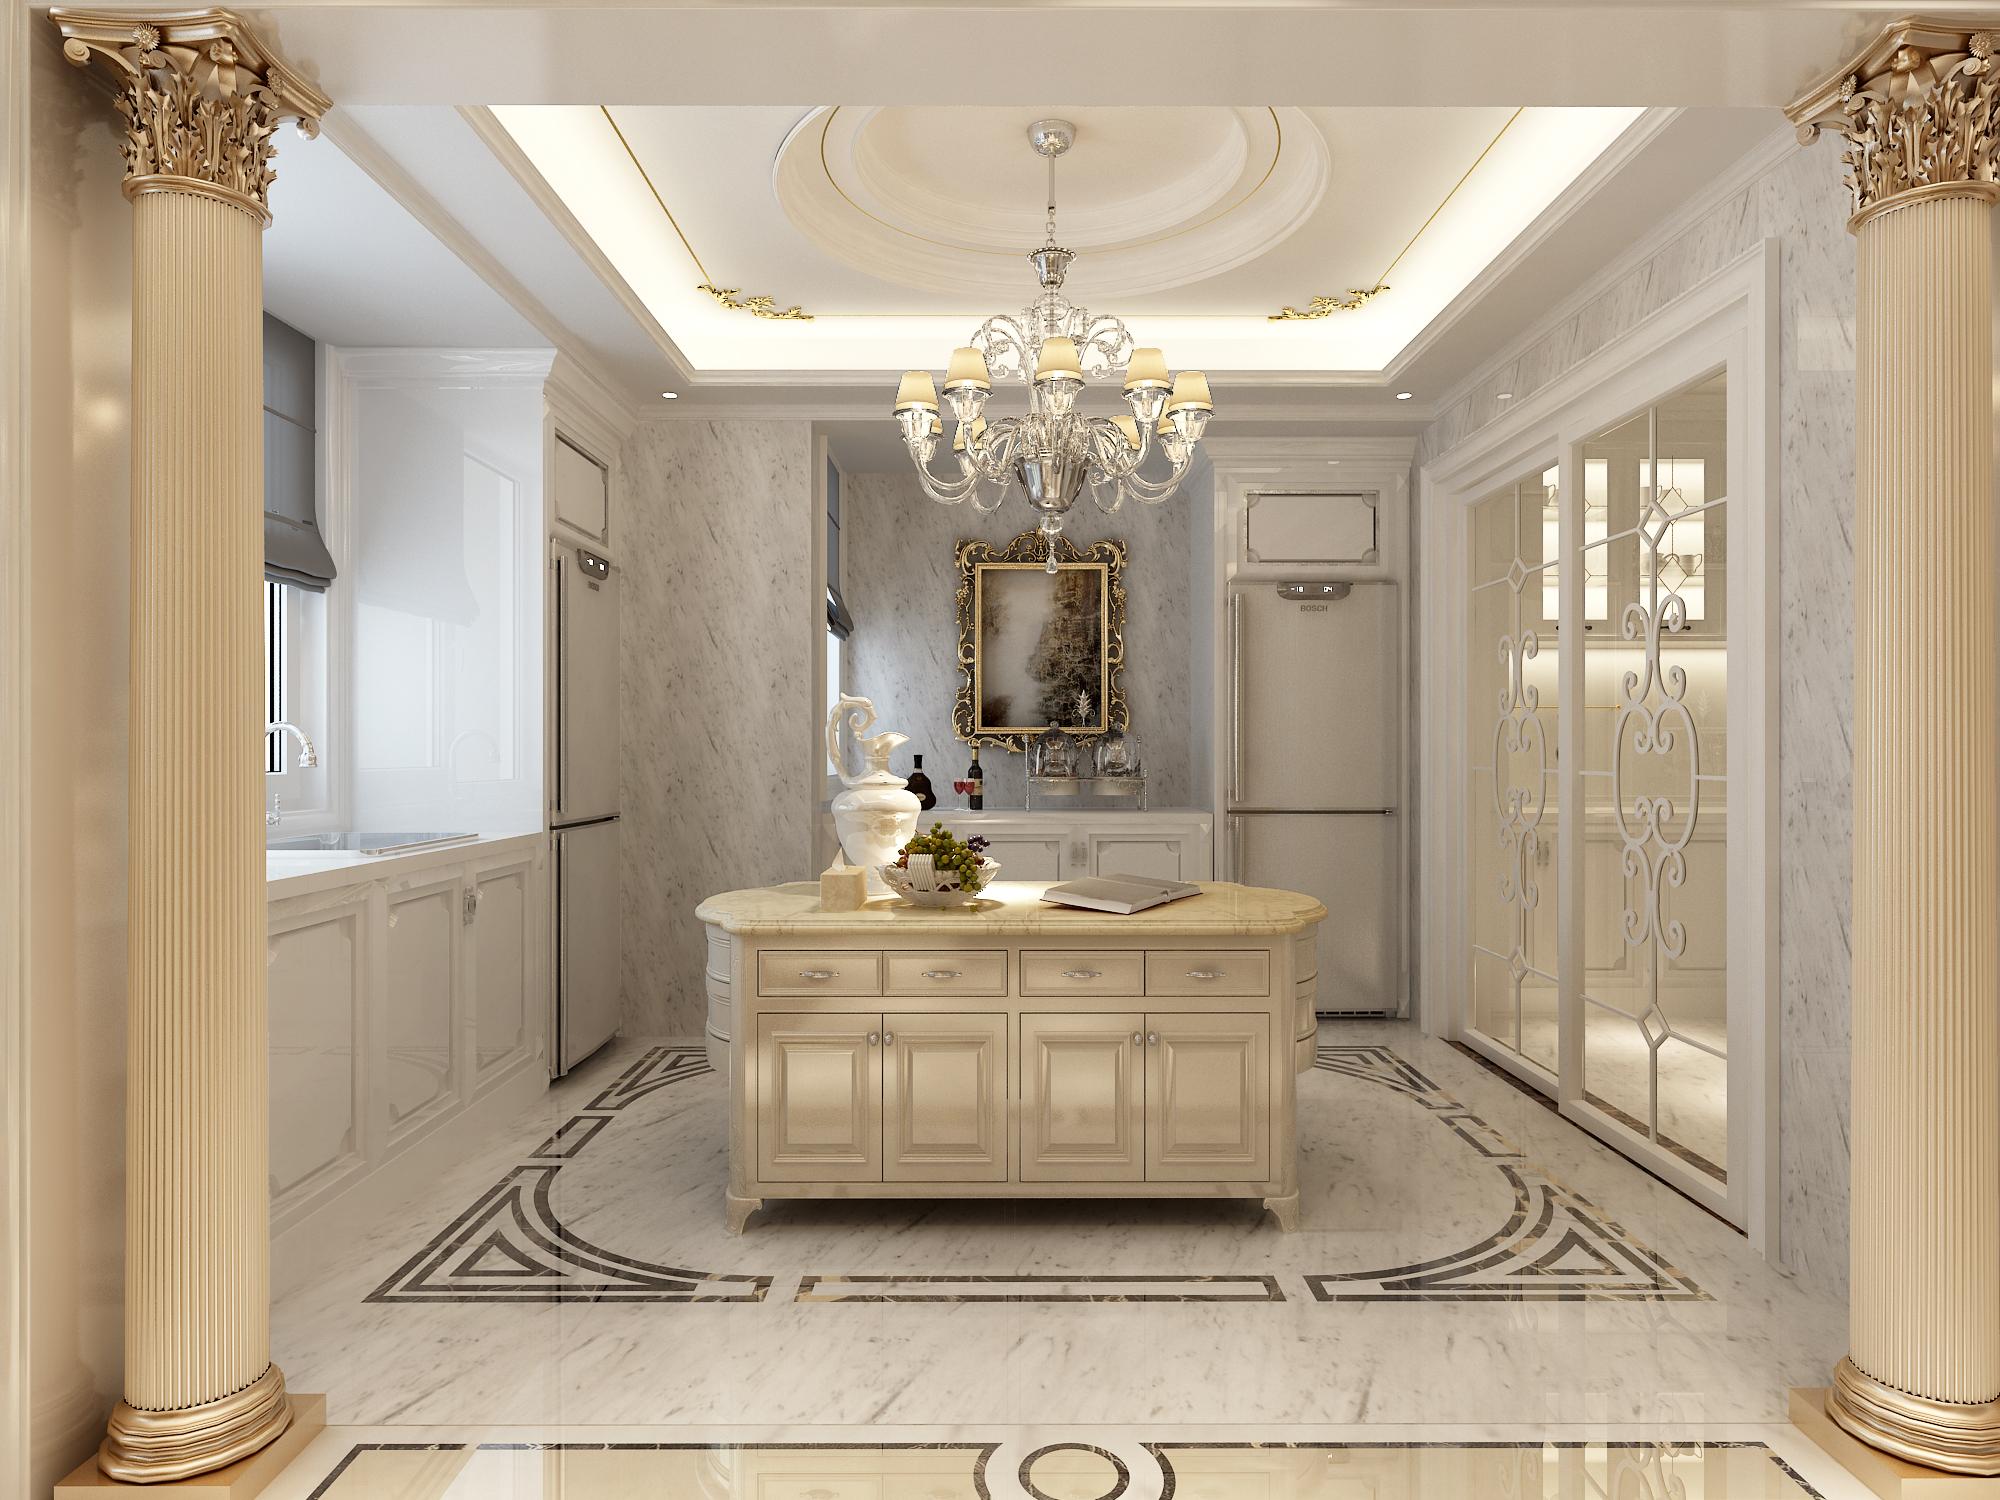 法式别墅装修厨房效果图